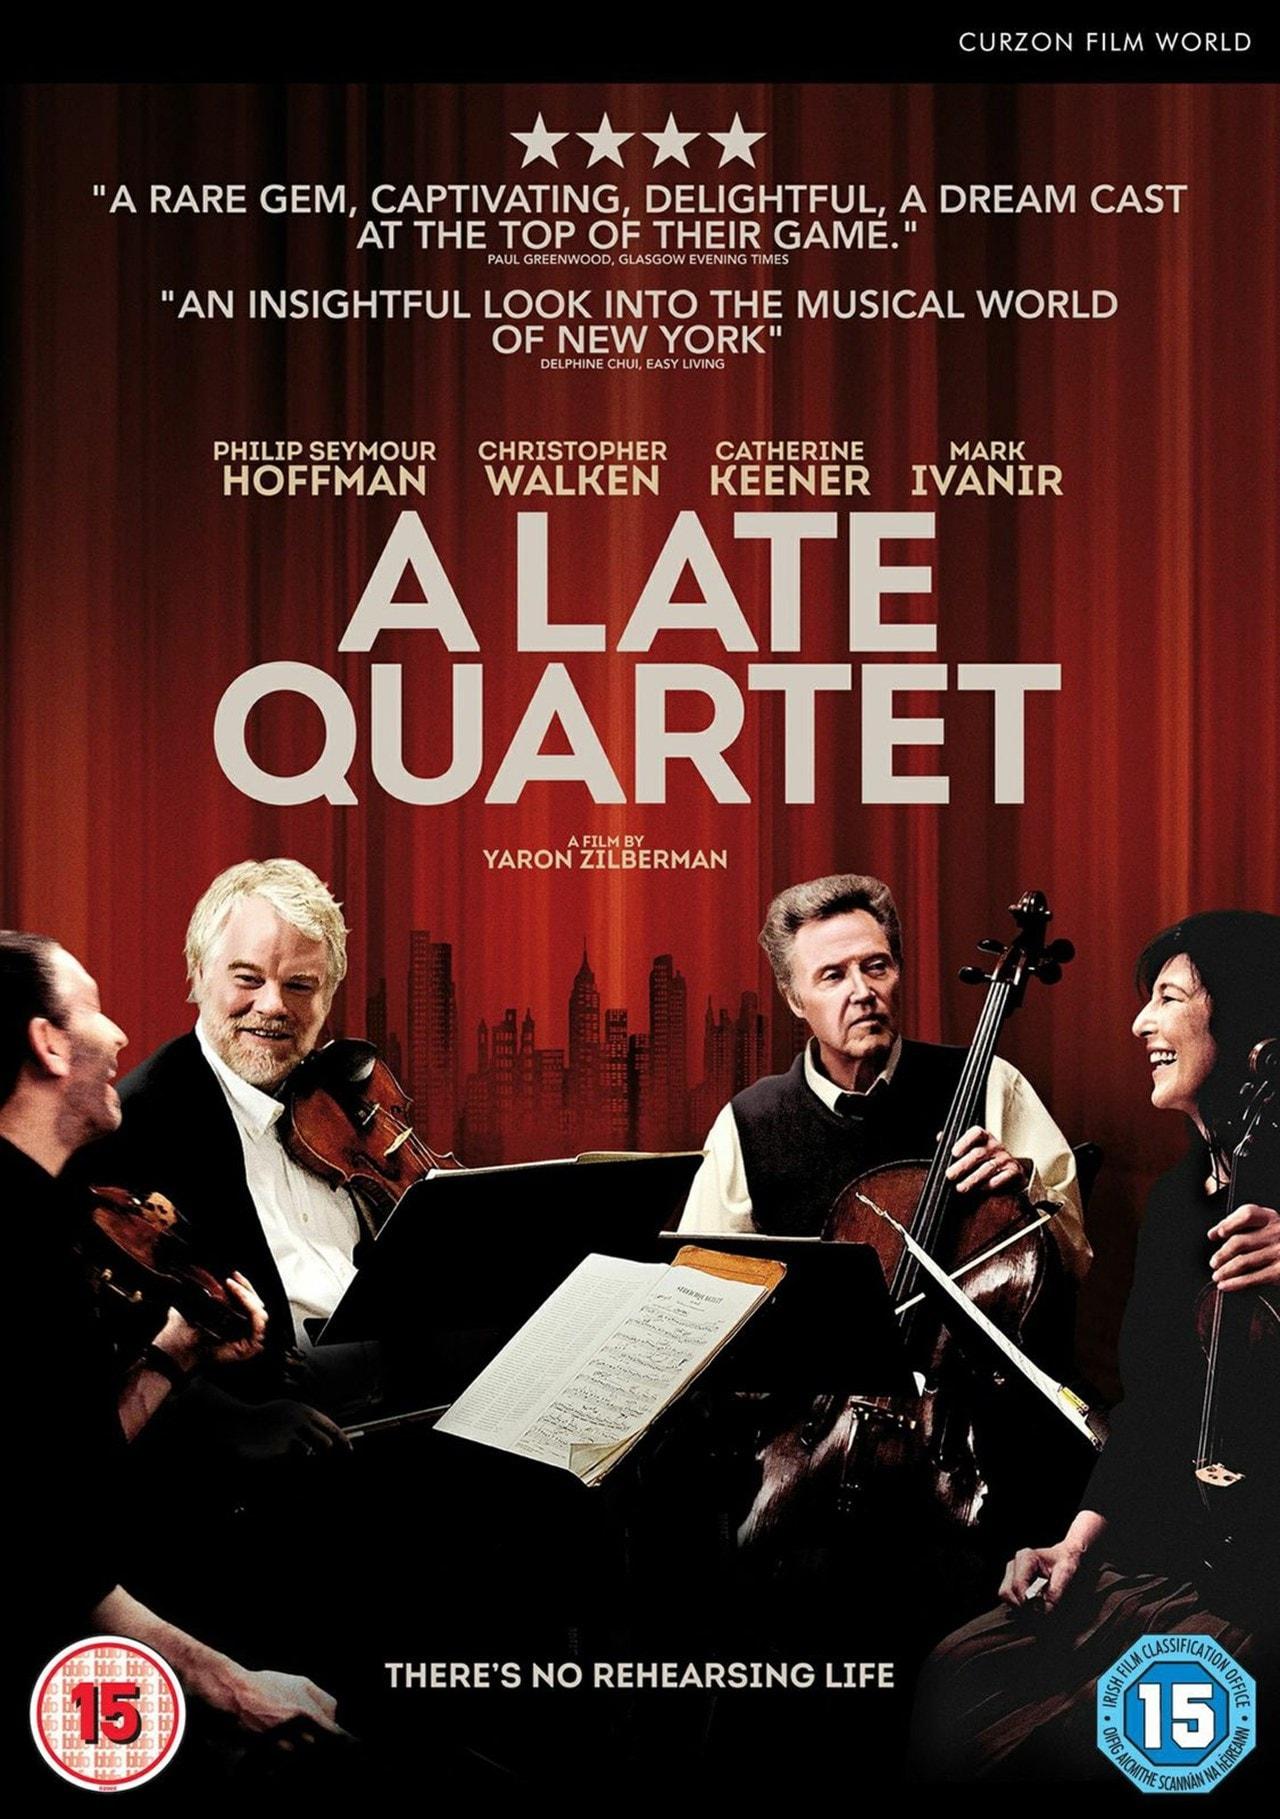 A Late Quartet - 1